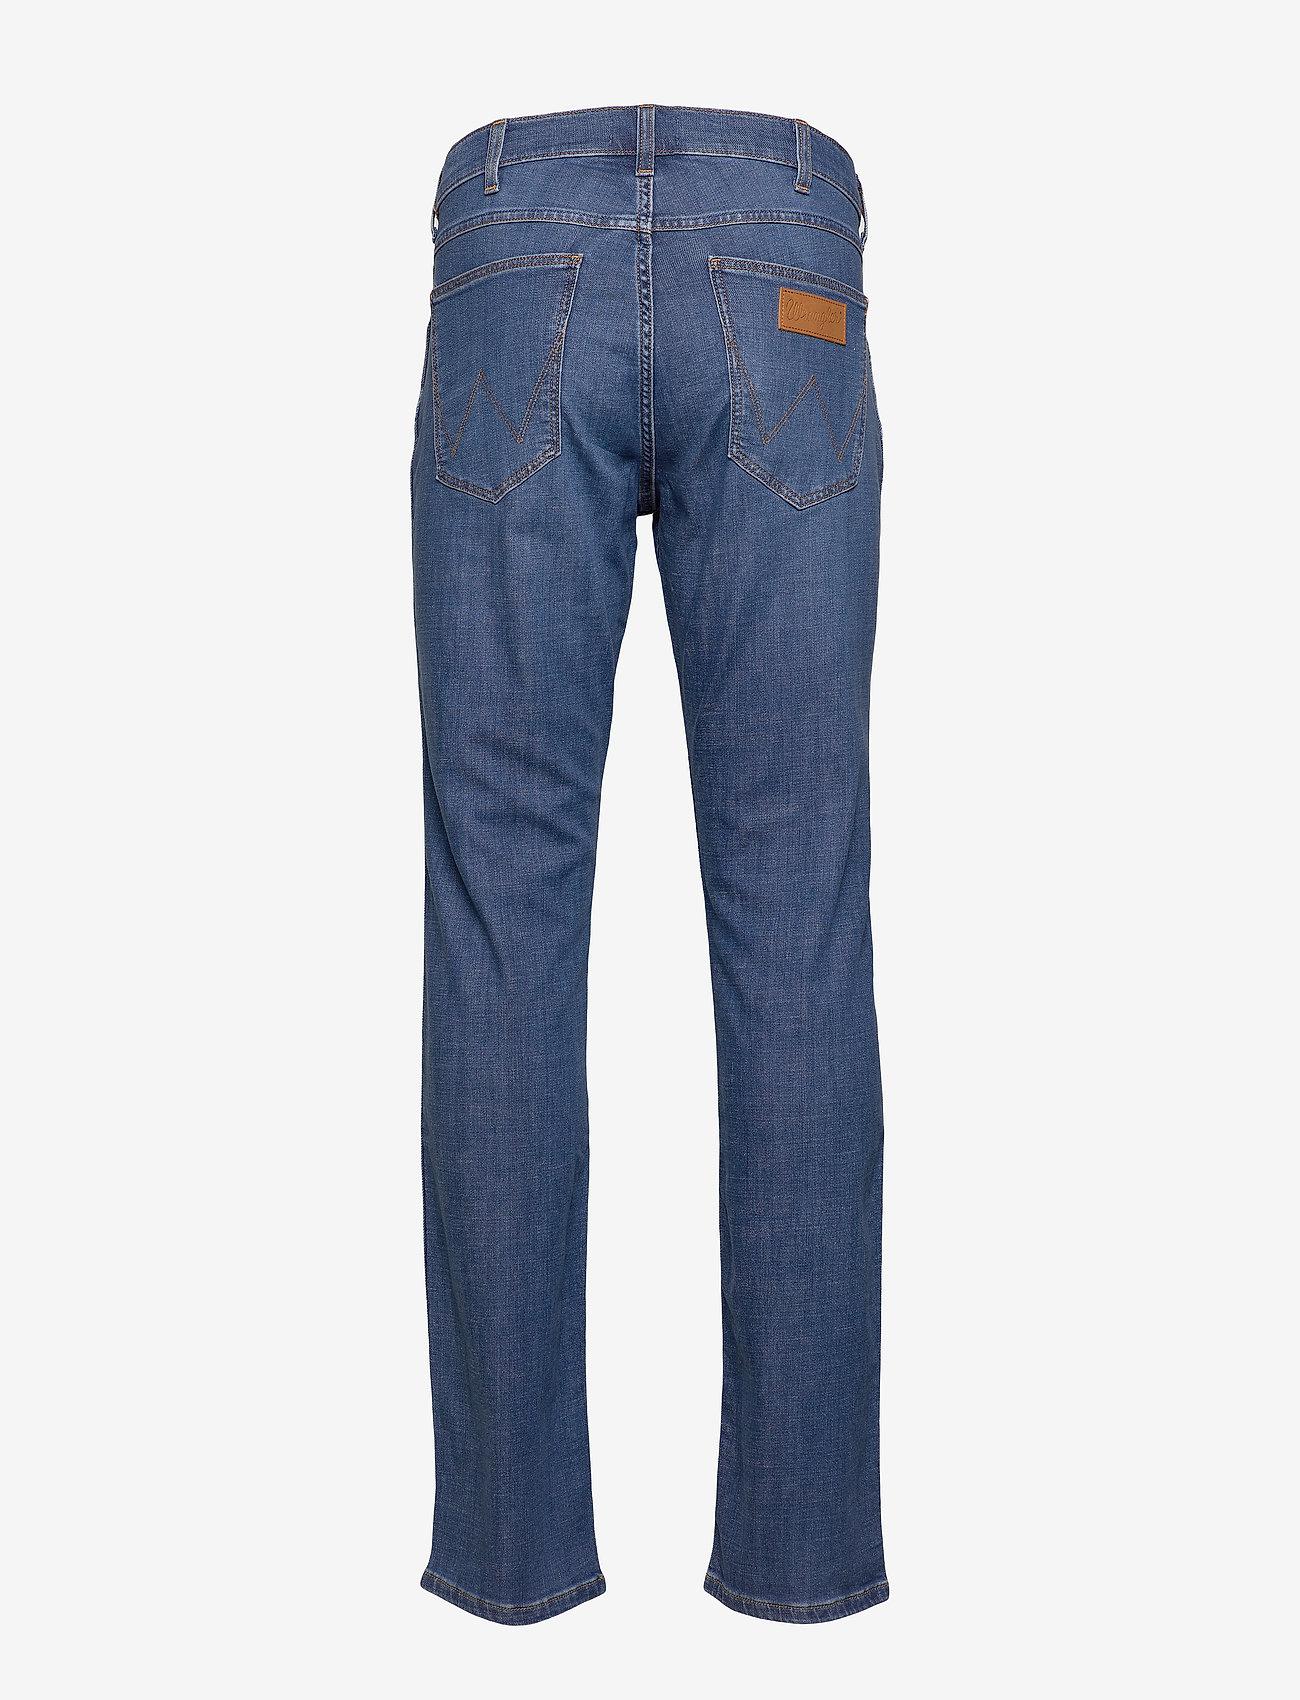 Wrangler GREENSBORO - Jeans LIMELITE BLUE - Menn Klær